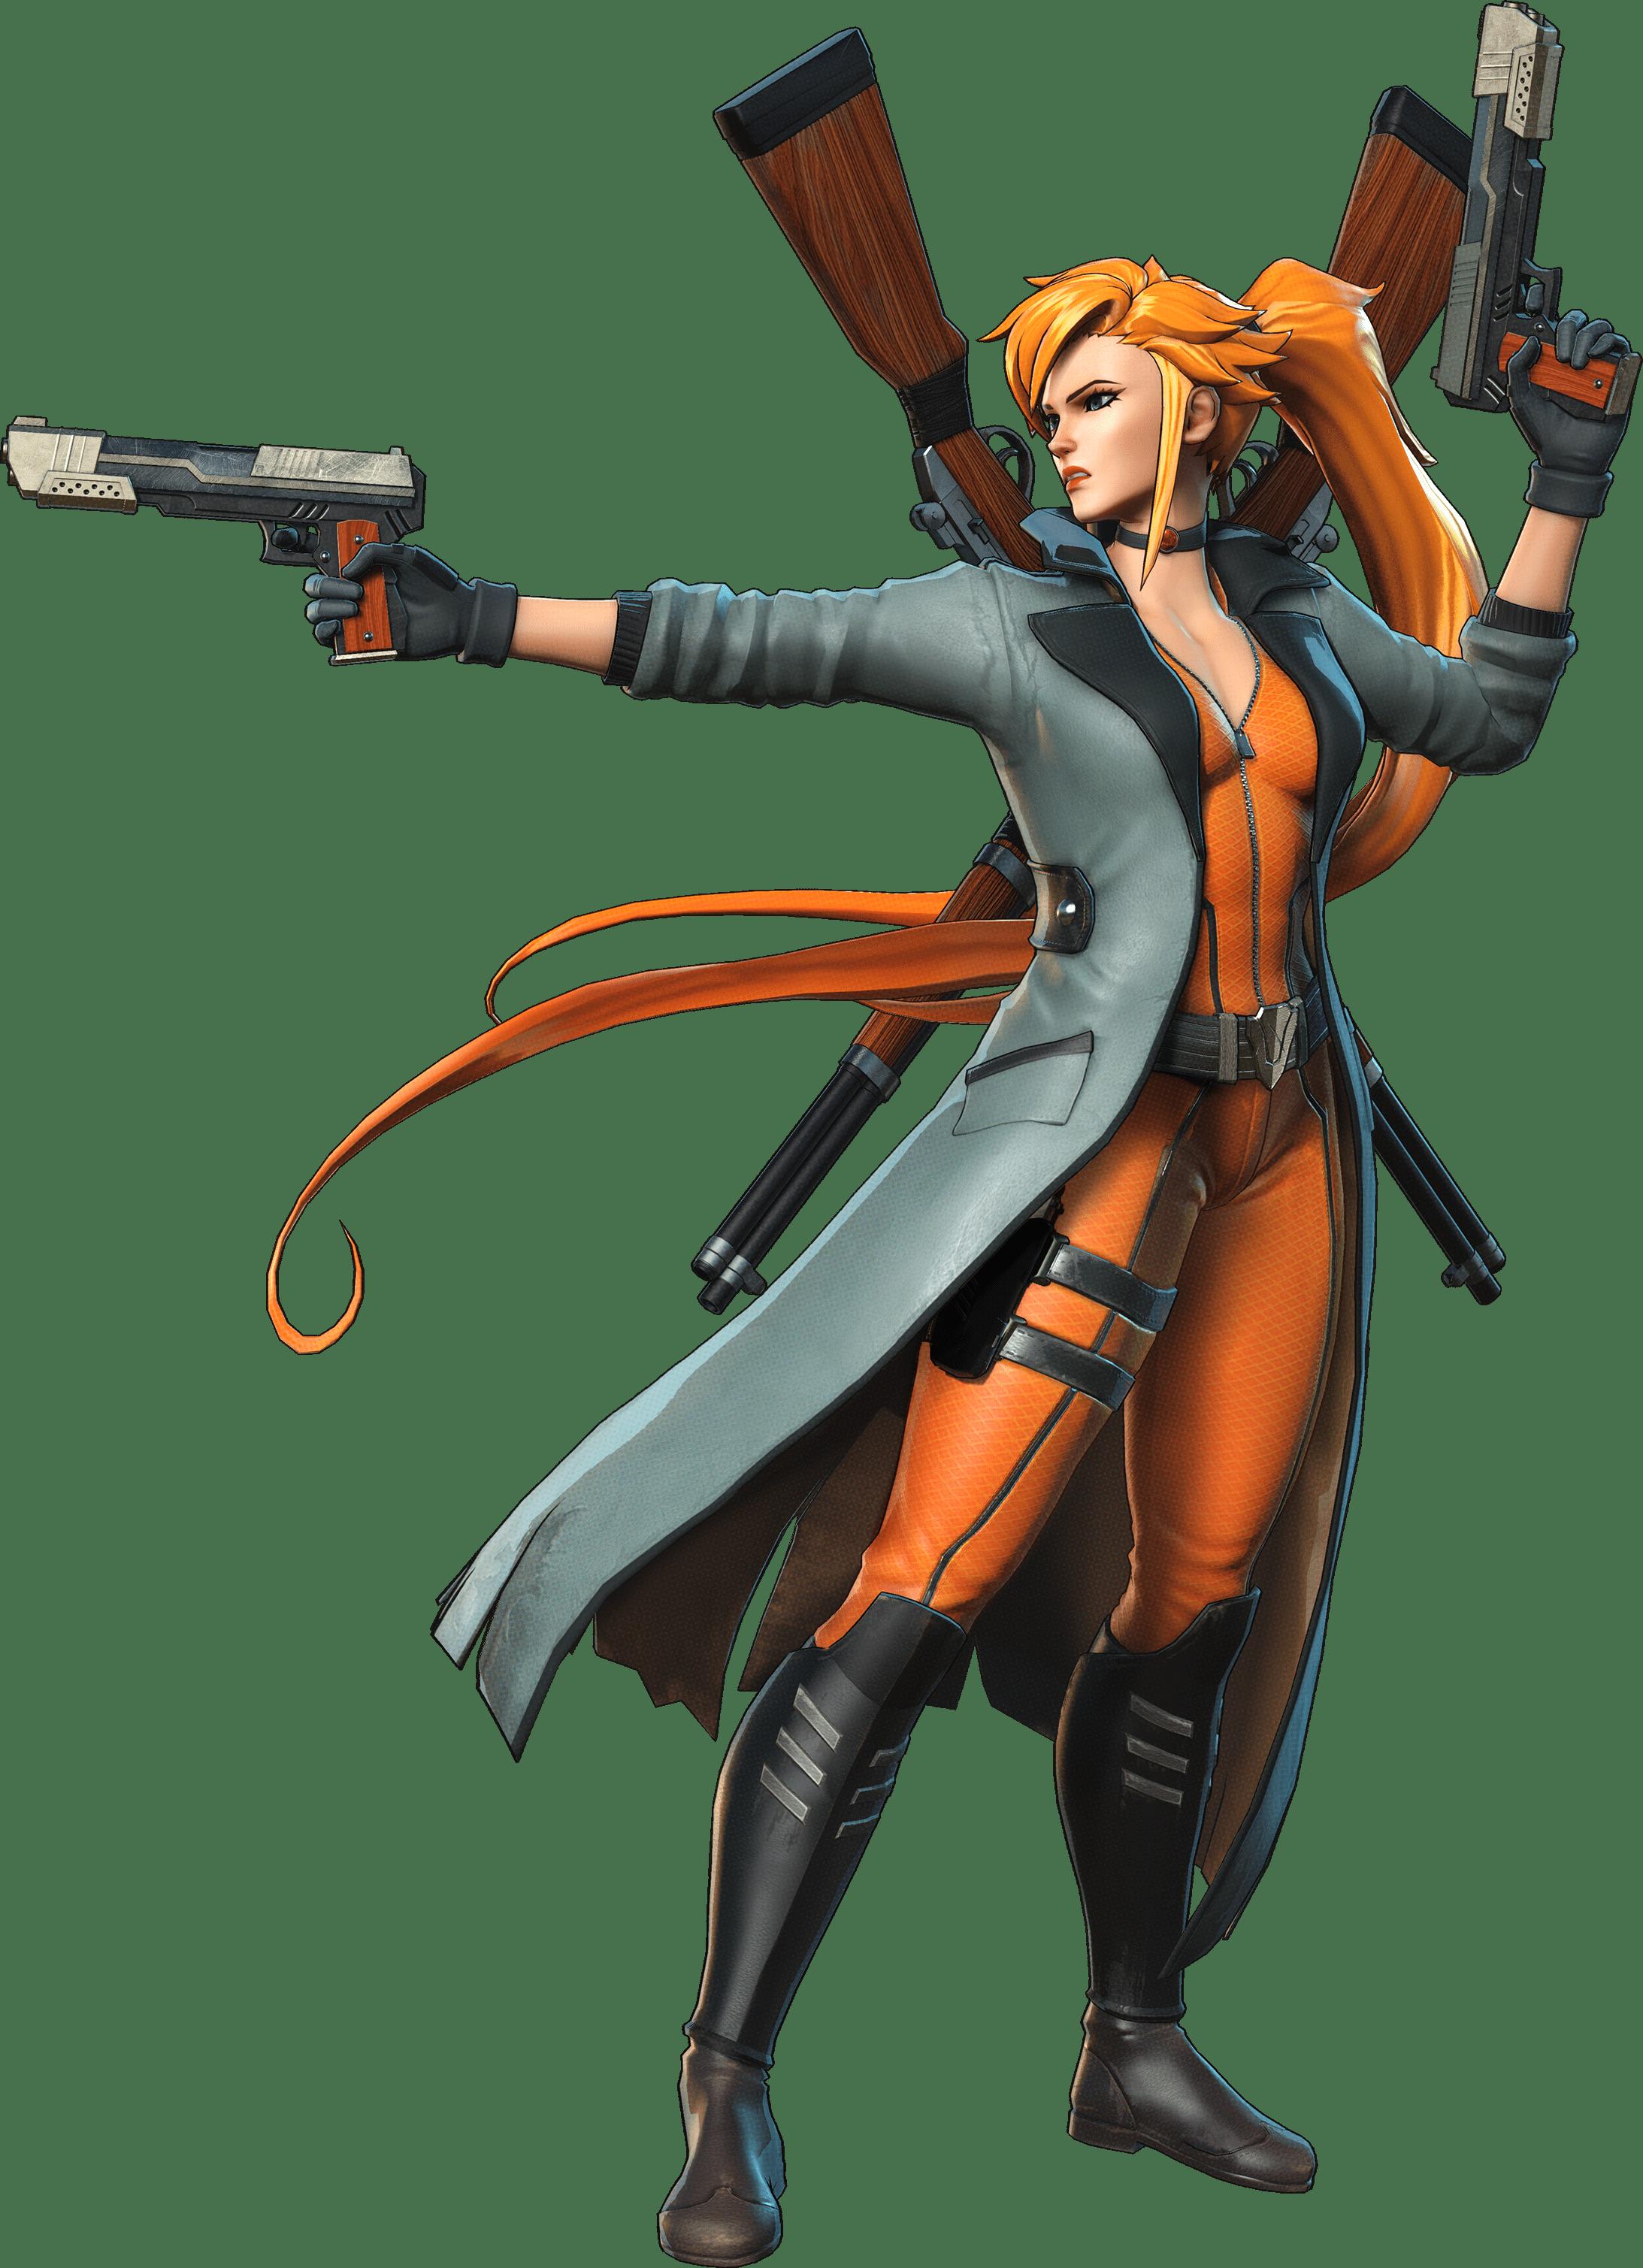 Elsa Bloodstone (Earth-TRN765)